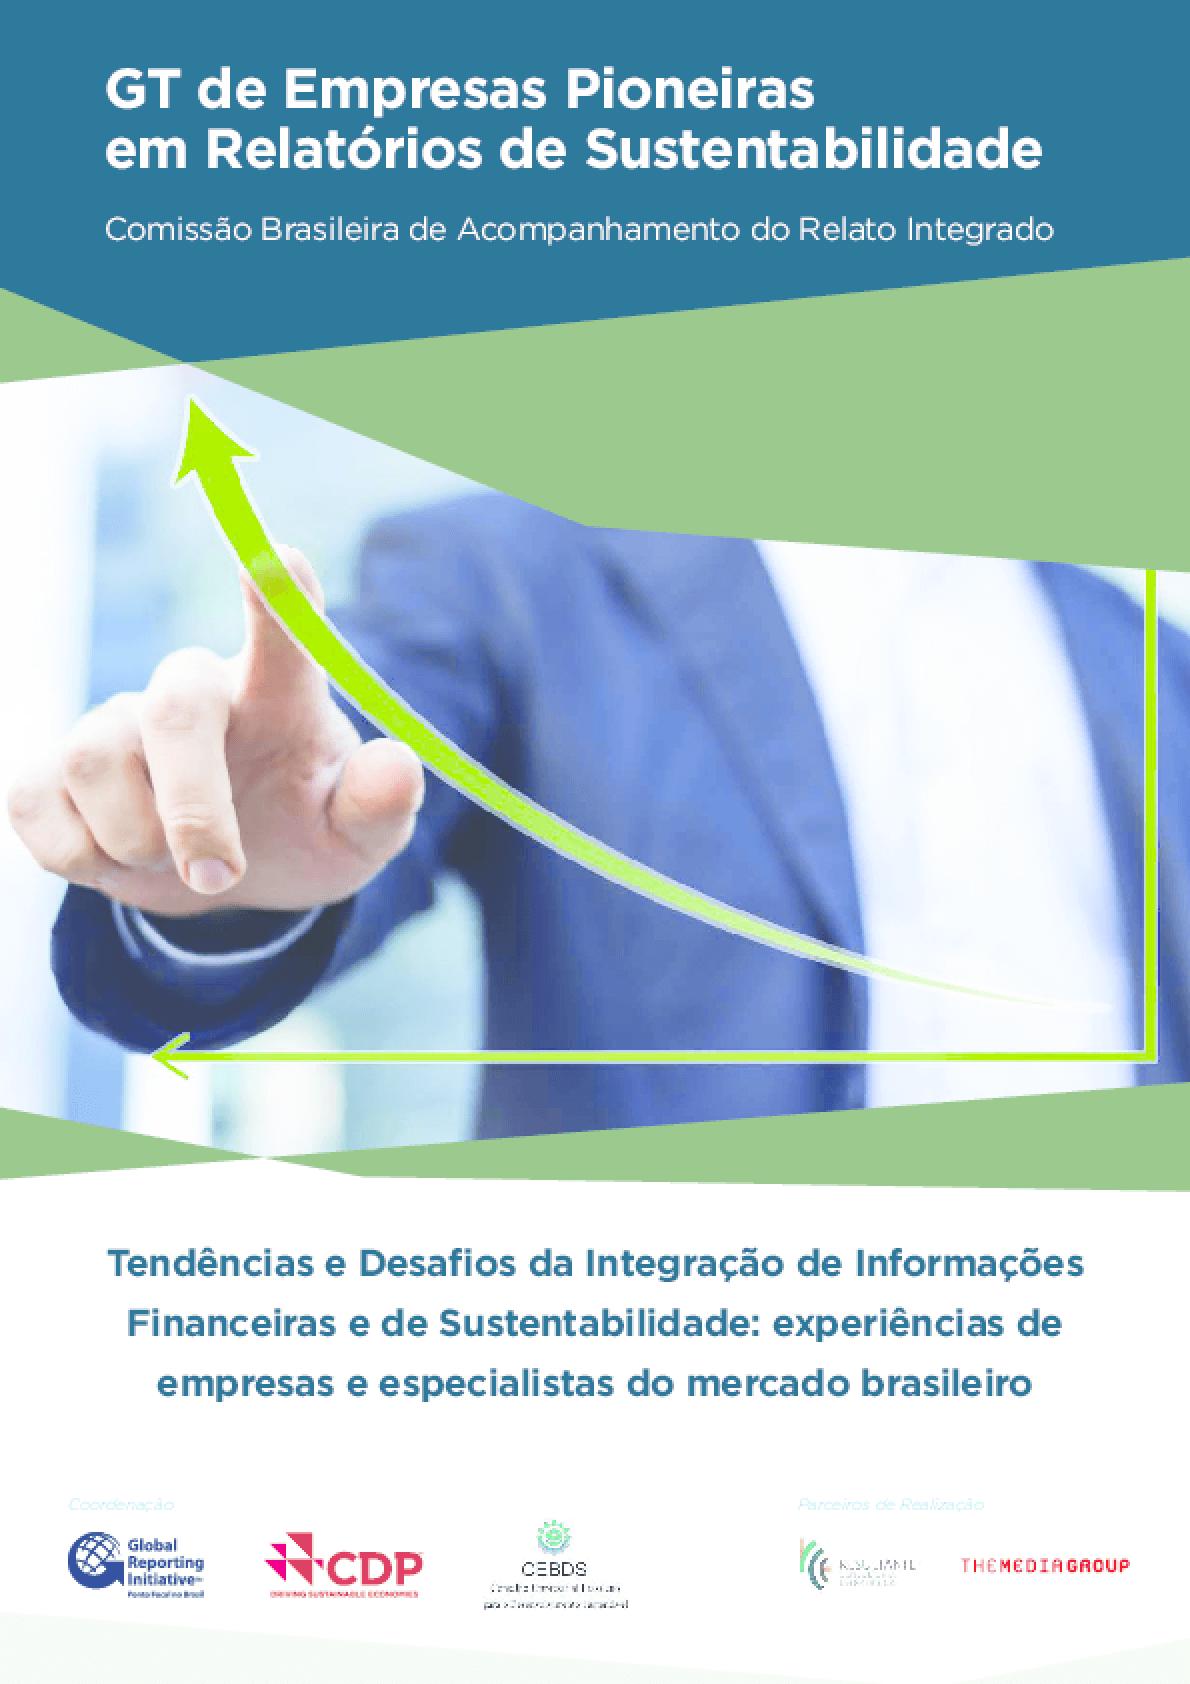 Integração de informações financeiras e de sustentabilidade